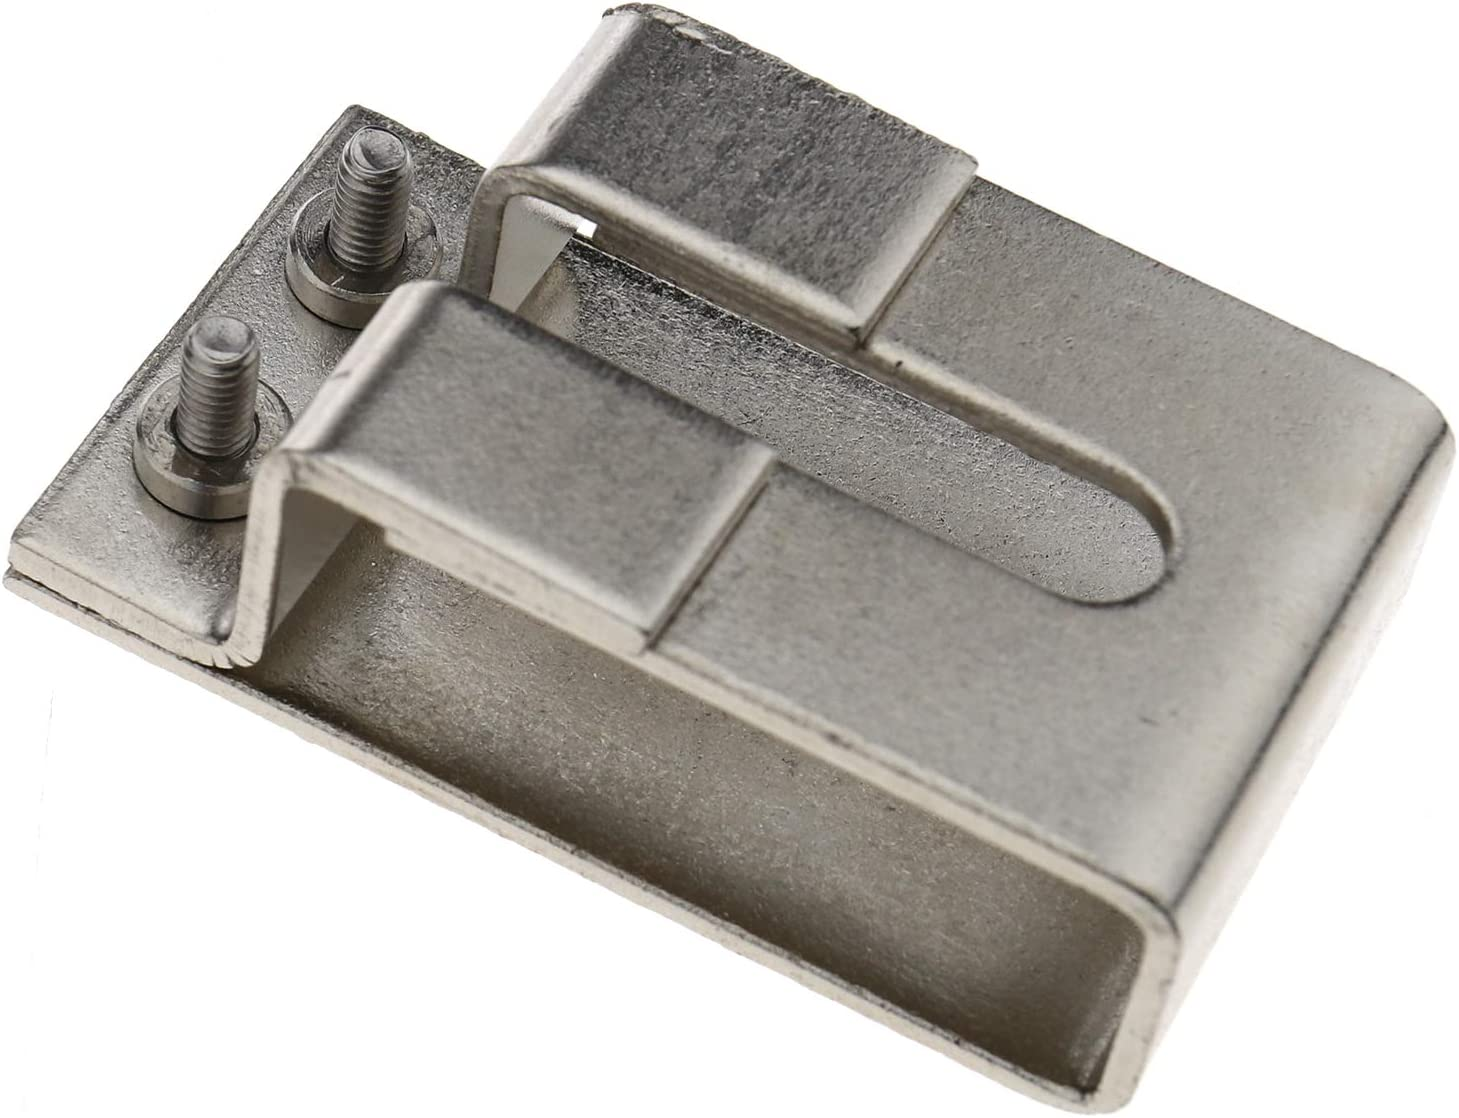 Create Idea Schaltseil Schaltzug Sicherung Getriebe Getriebekabel Vierkantgestänge Reparatursatz Für Opel Vivaro E7 Küche Haushalt